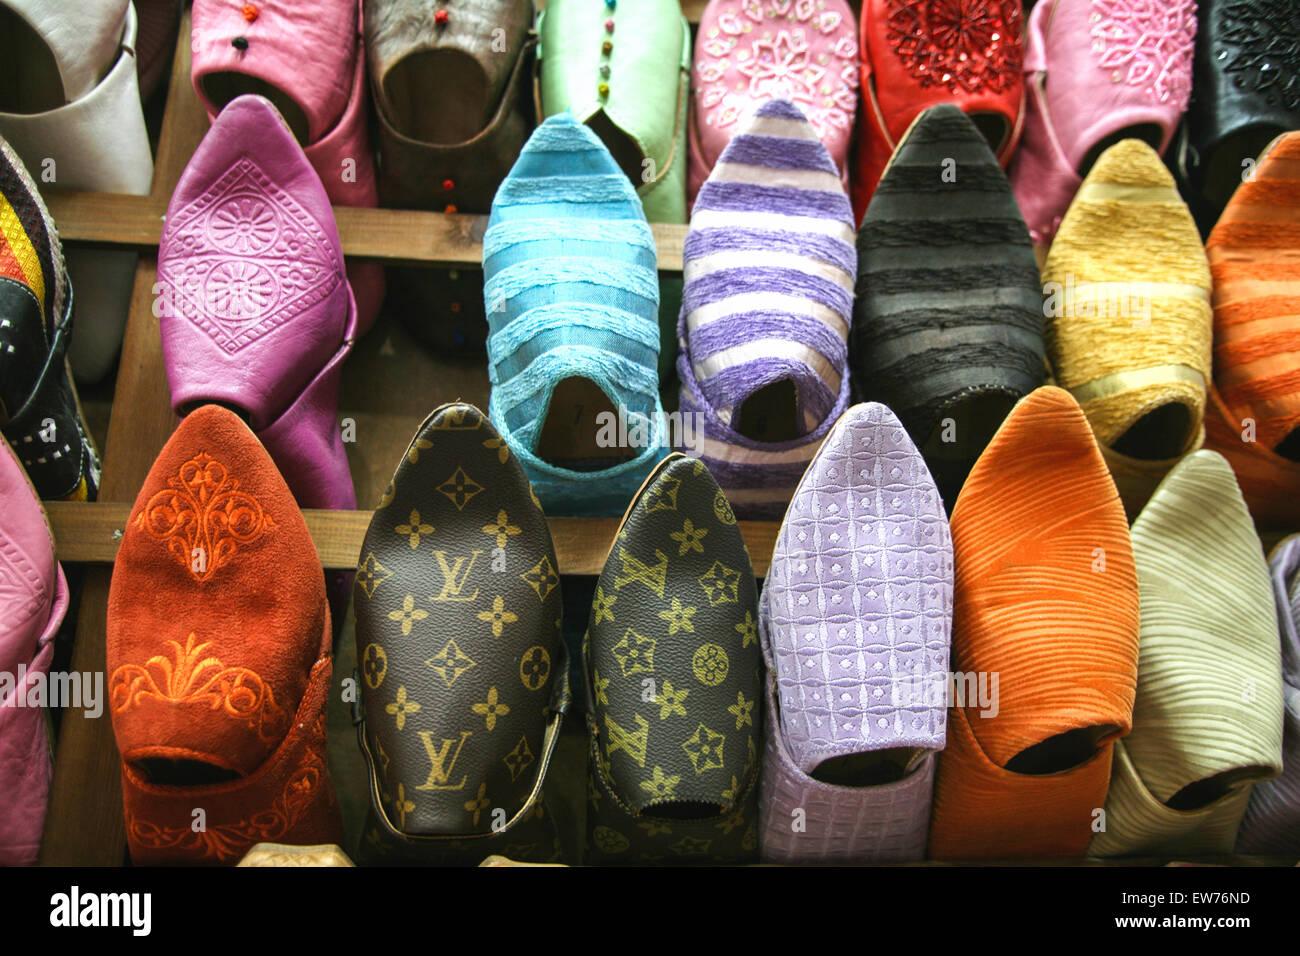 fake designer shoes for sale